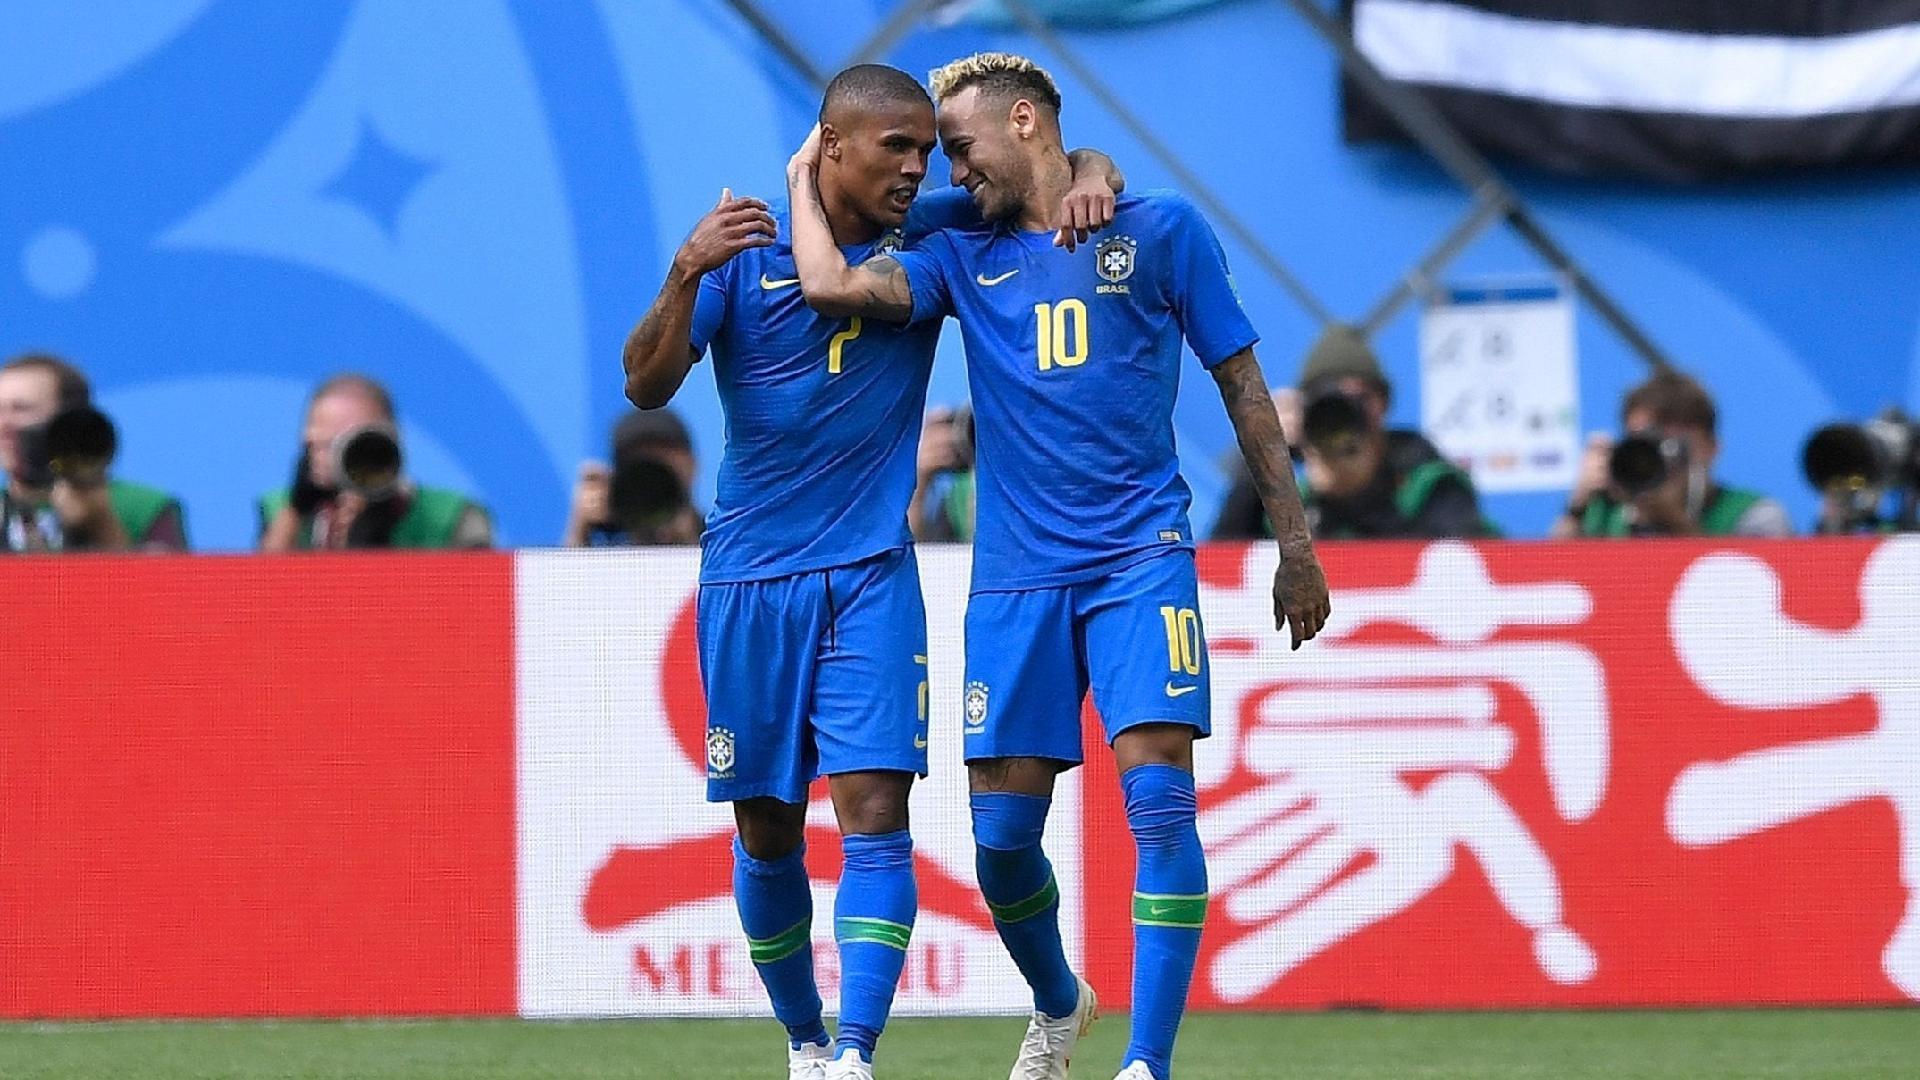 Douglas Costa e Neymar se abraçam após o segundo gol do Brasil contra a Costa Rica